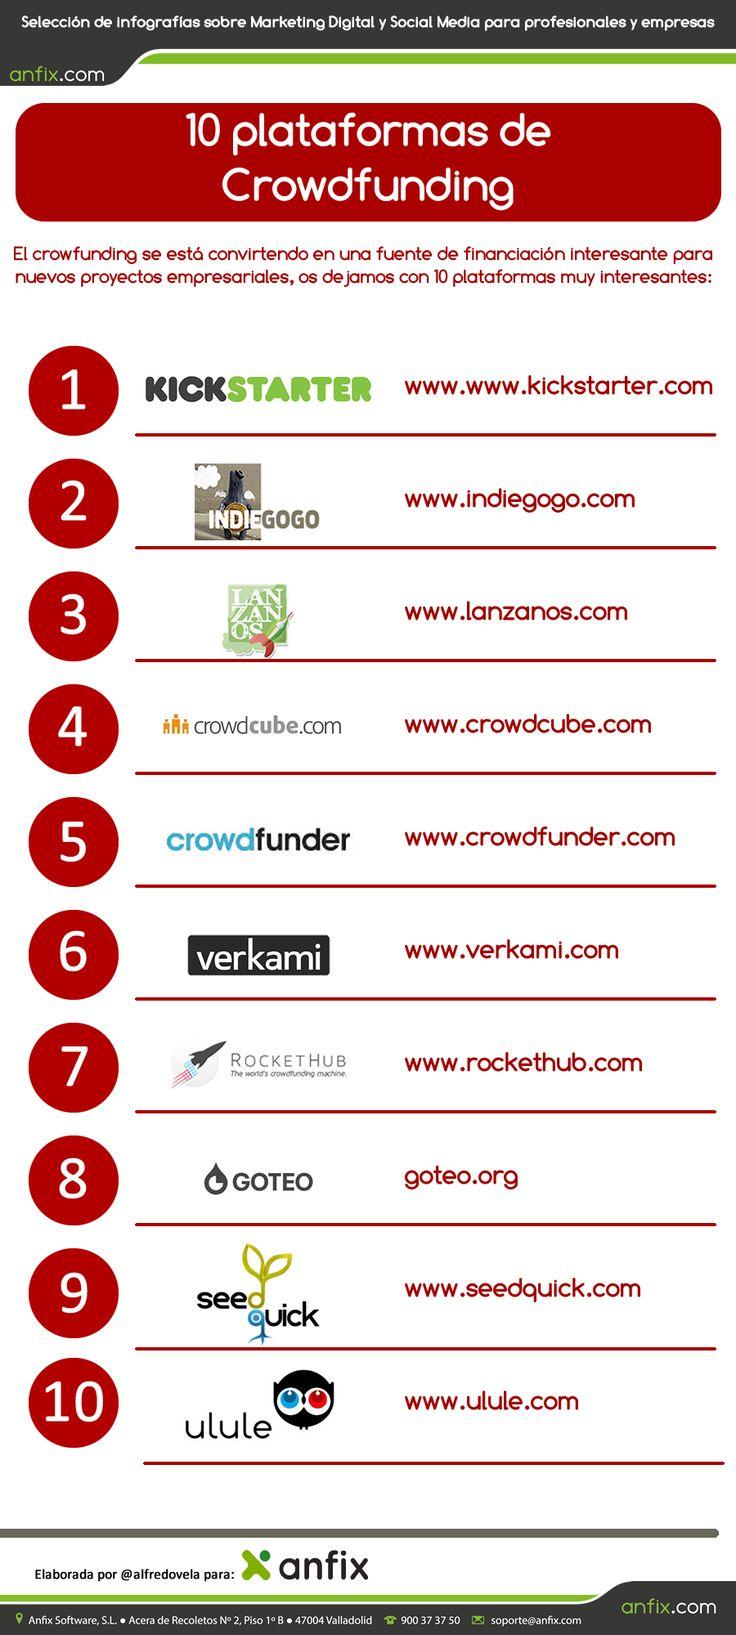 #Infografia #Curiosidades 10 plataformas de crowdfunding para financiar tu idea de negocio. #TAVnews